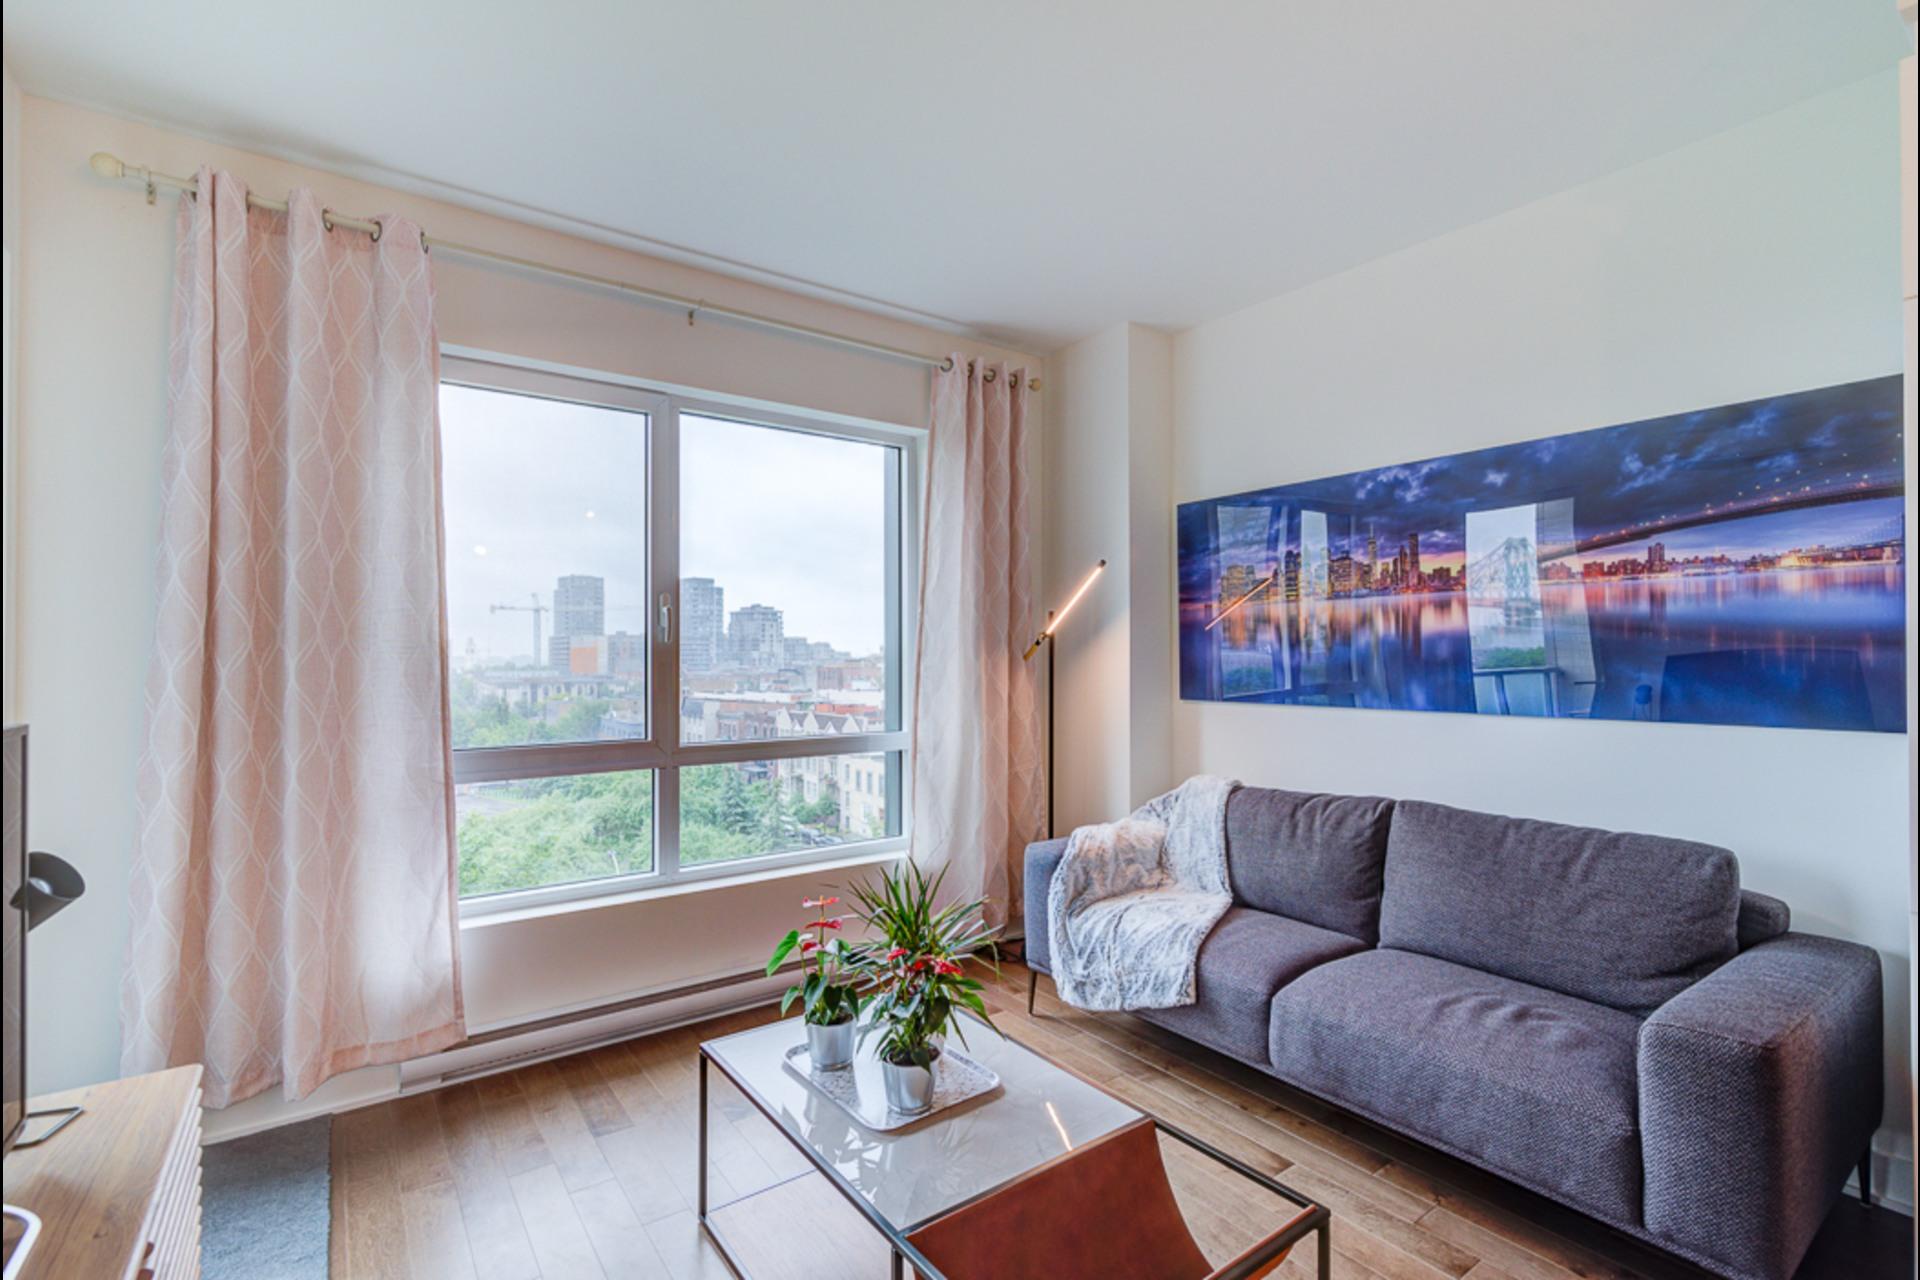 image 8 - Condo For rent Montréal - 4 rooms